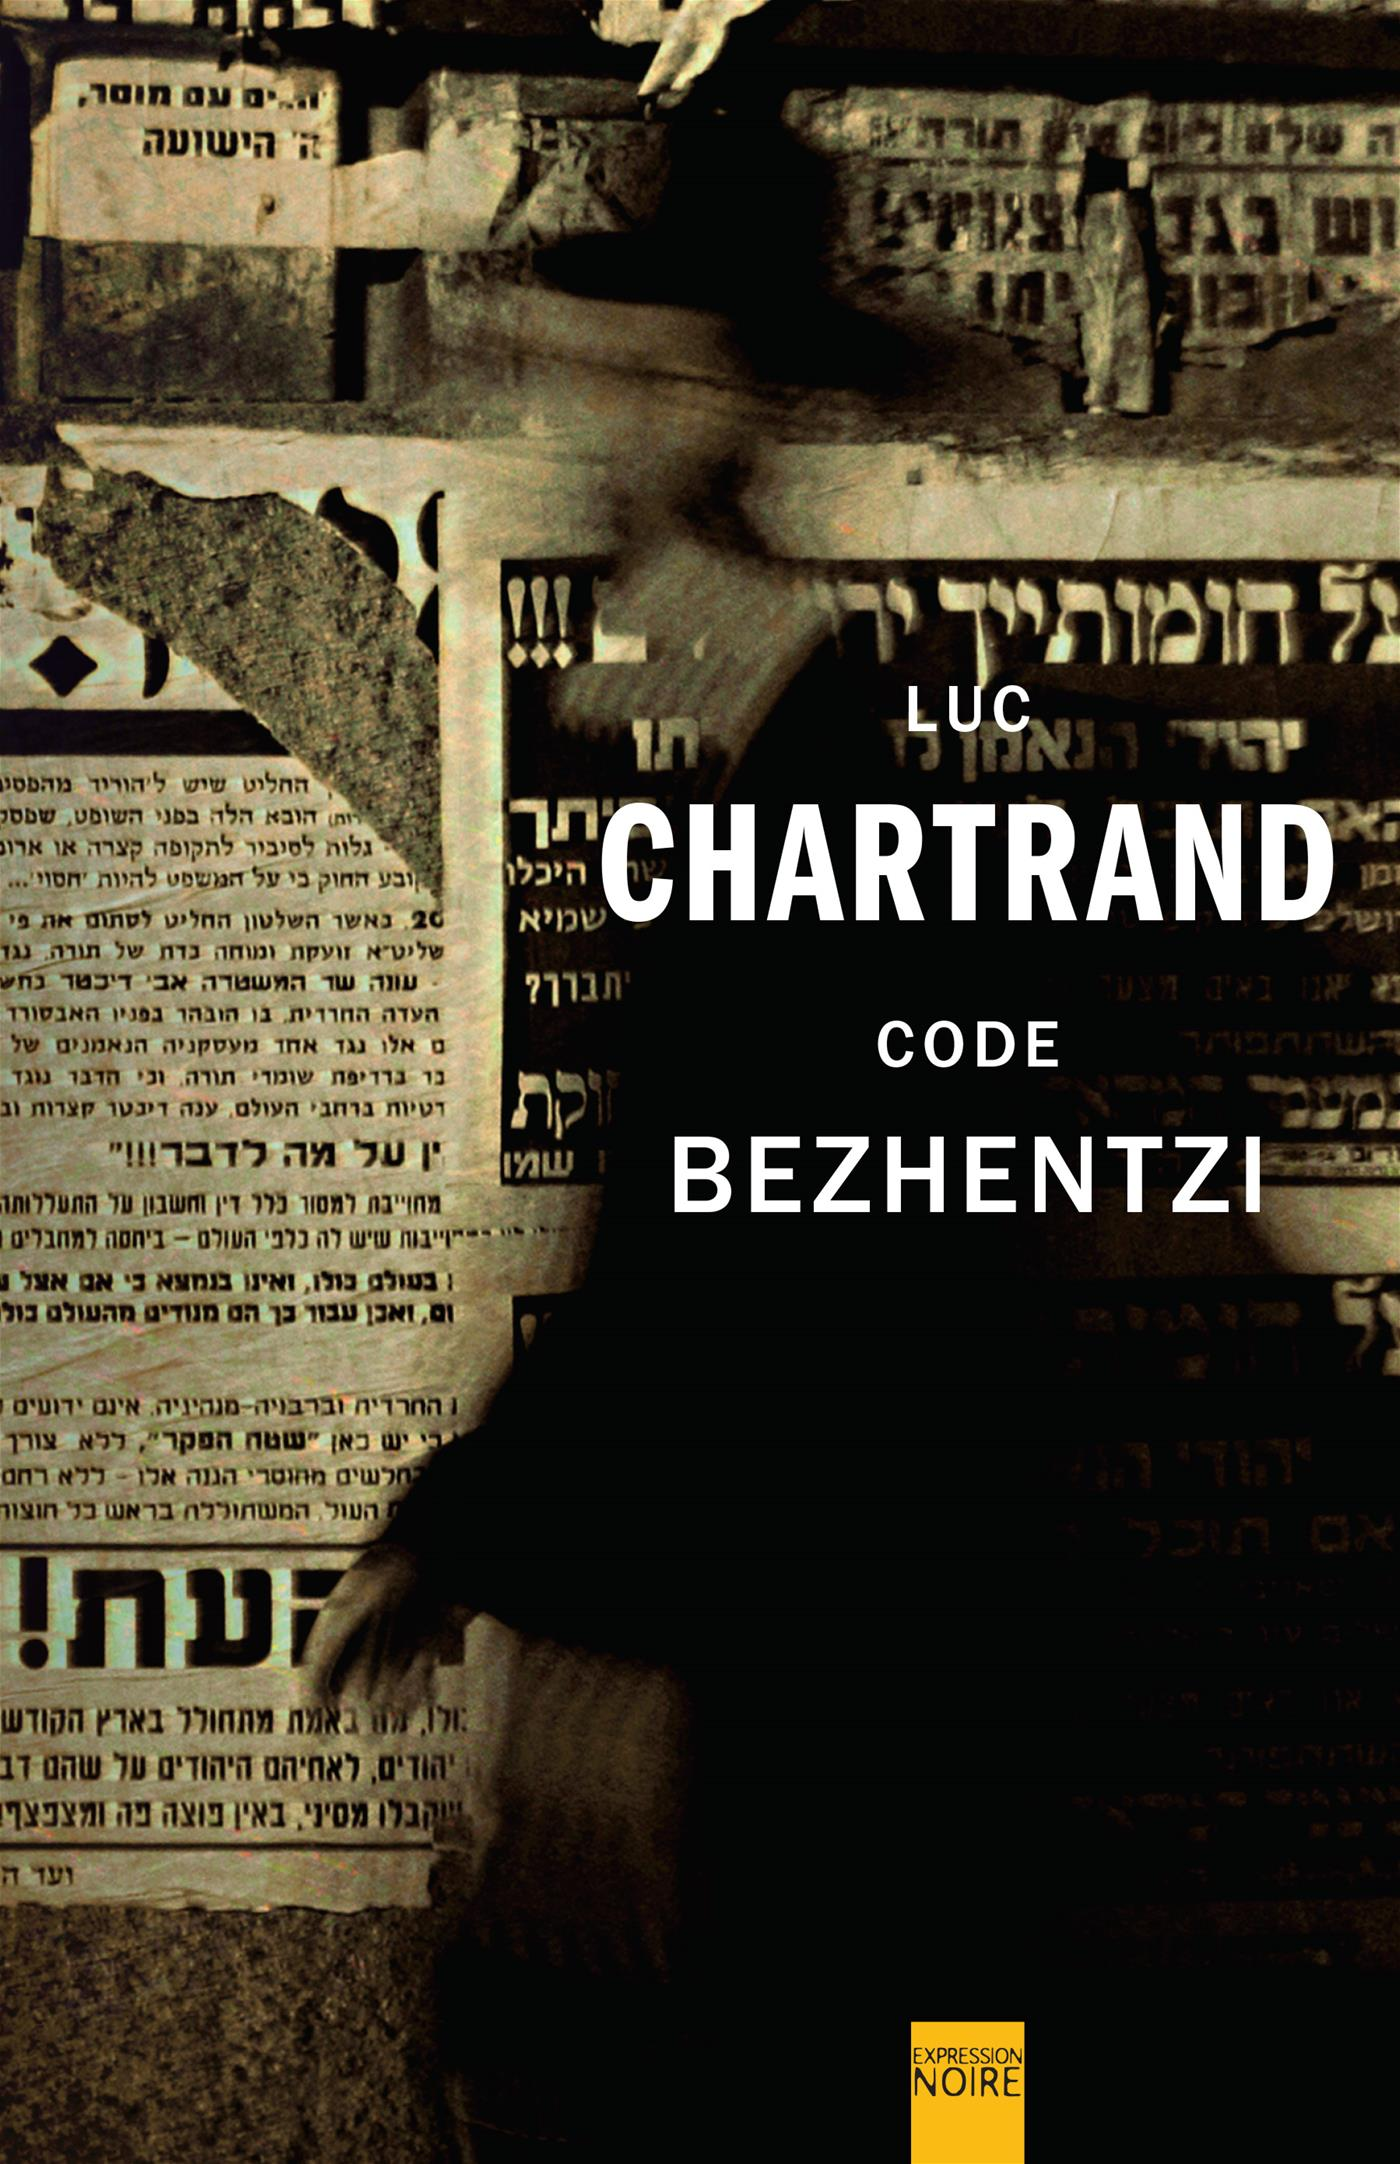 Code Bezhentzi